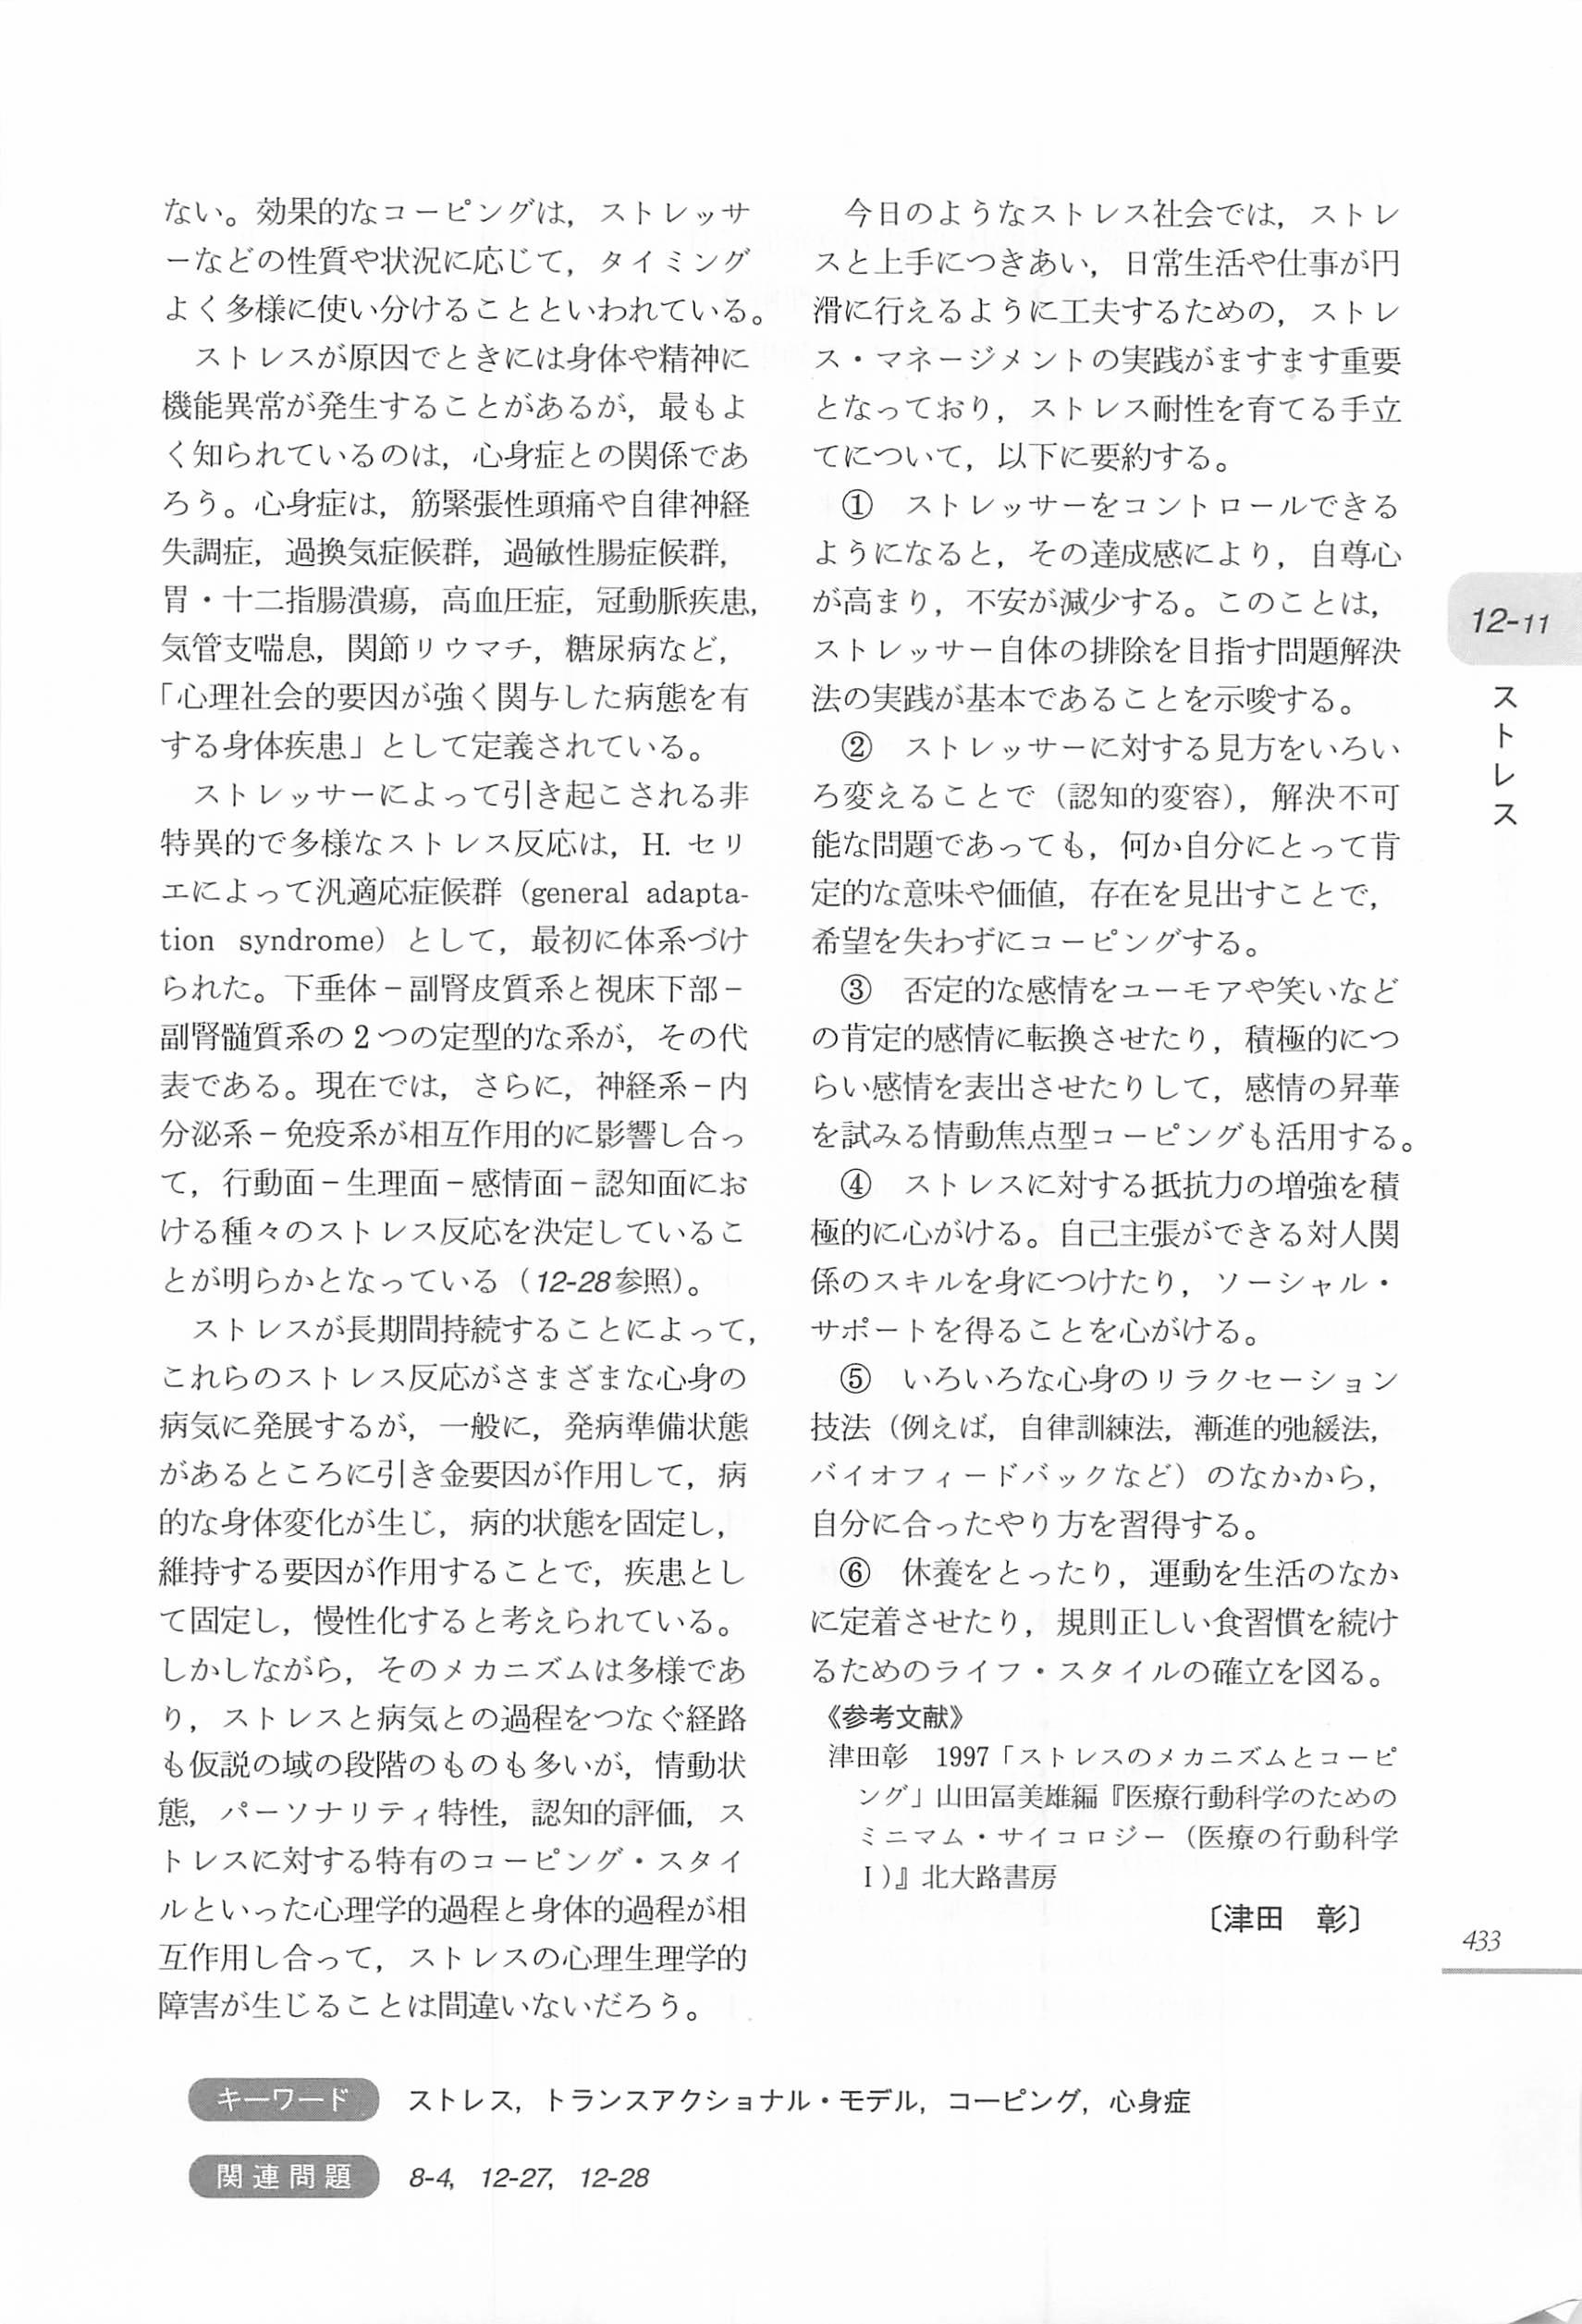 文書名 _新・心理学の基礎知識_ページ_2